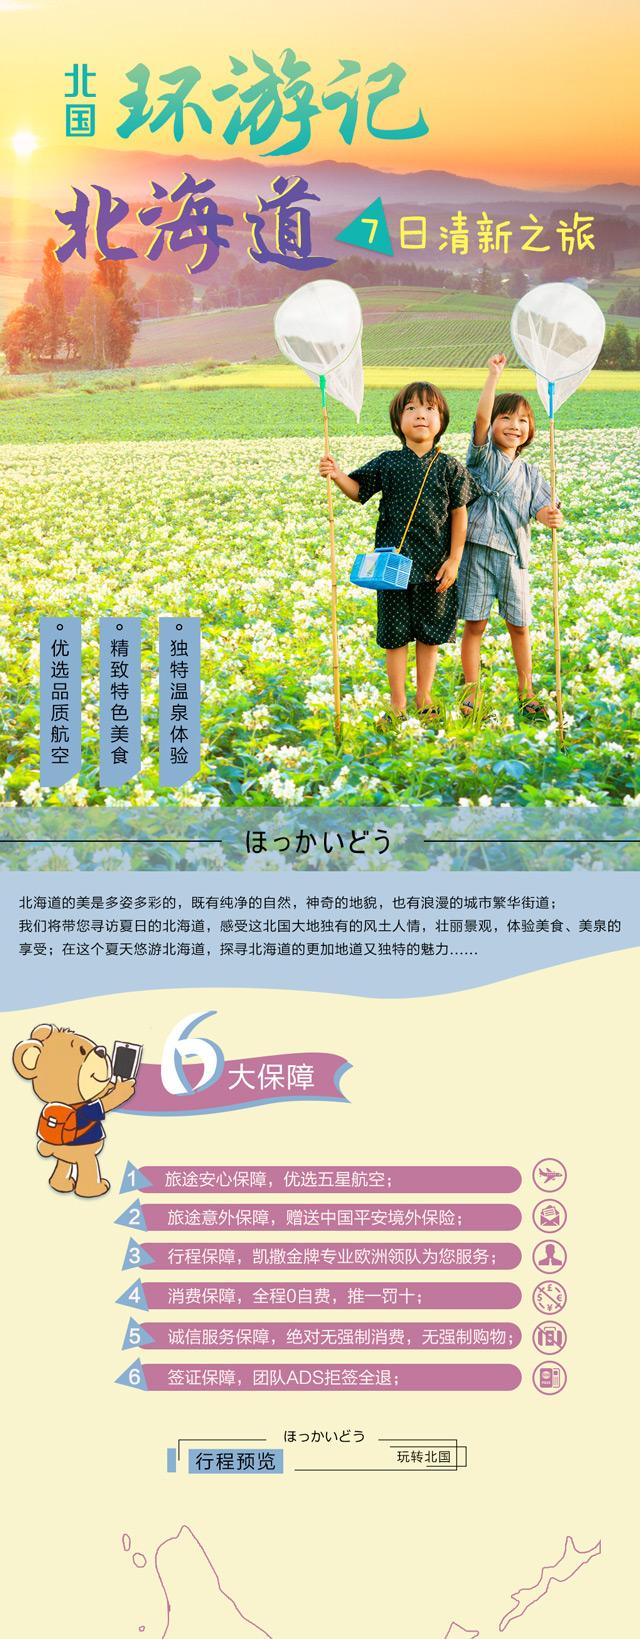 电商详情页-北海道